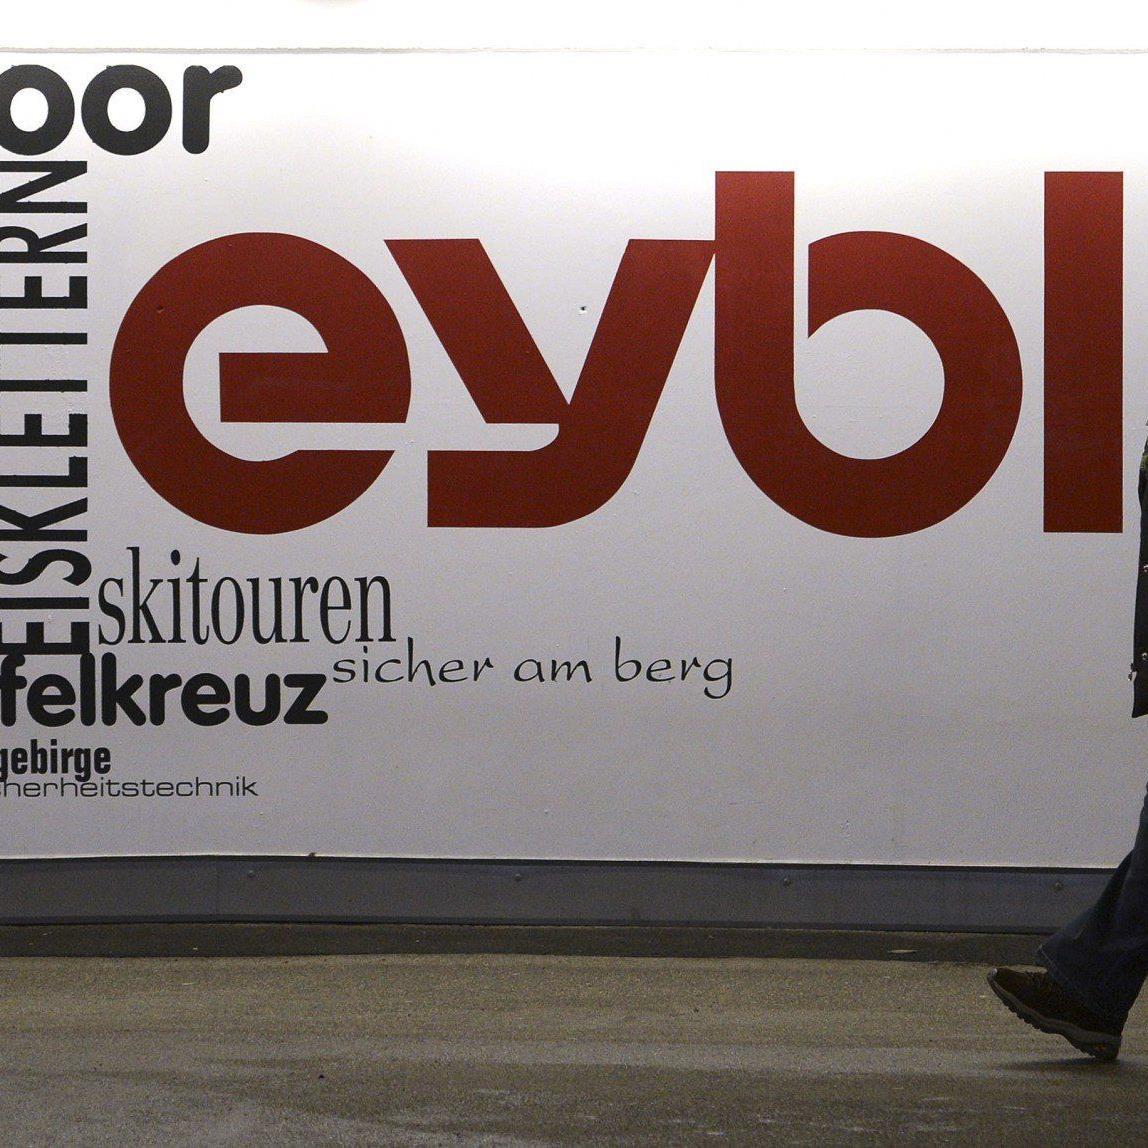 Sport Eybl wurde nun zu 100 Prozent an Sports Direct verkauft.